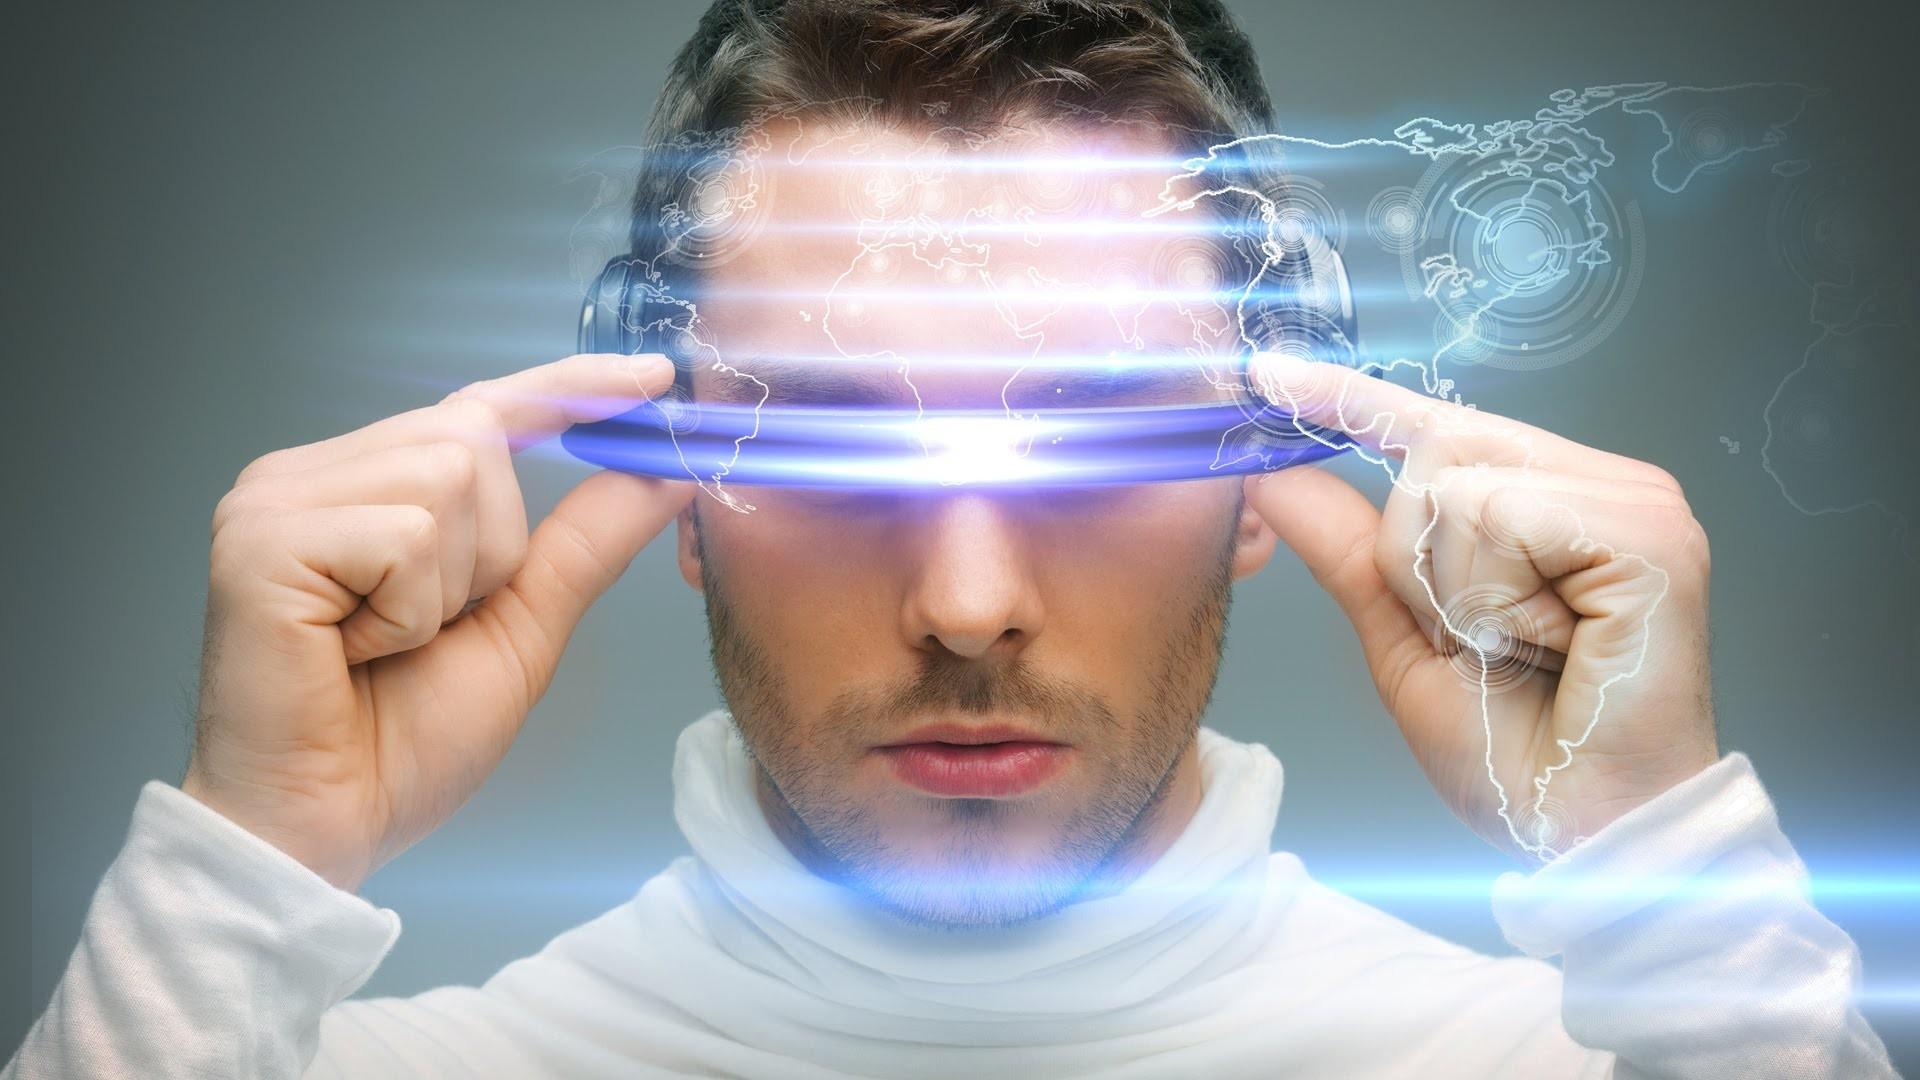 top5-podarkov-na-den-valentina-dlya-nego-ochki-virtualnojj-realnosti